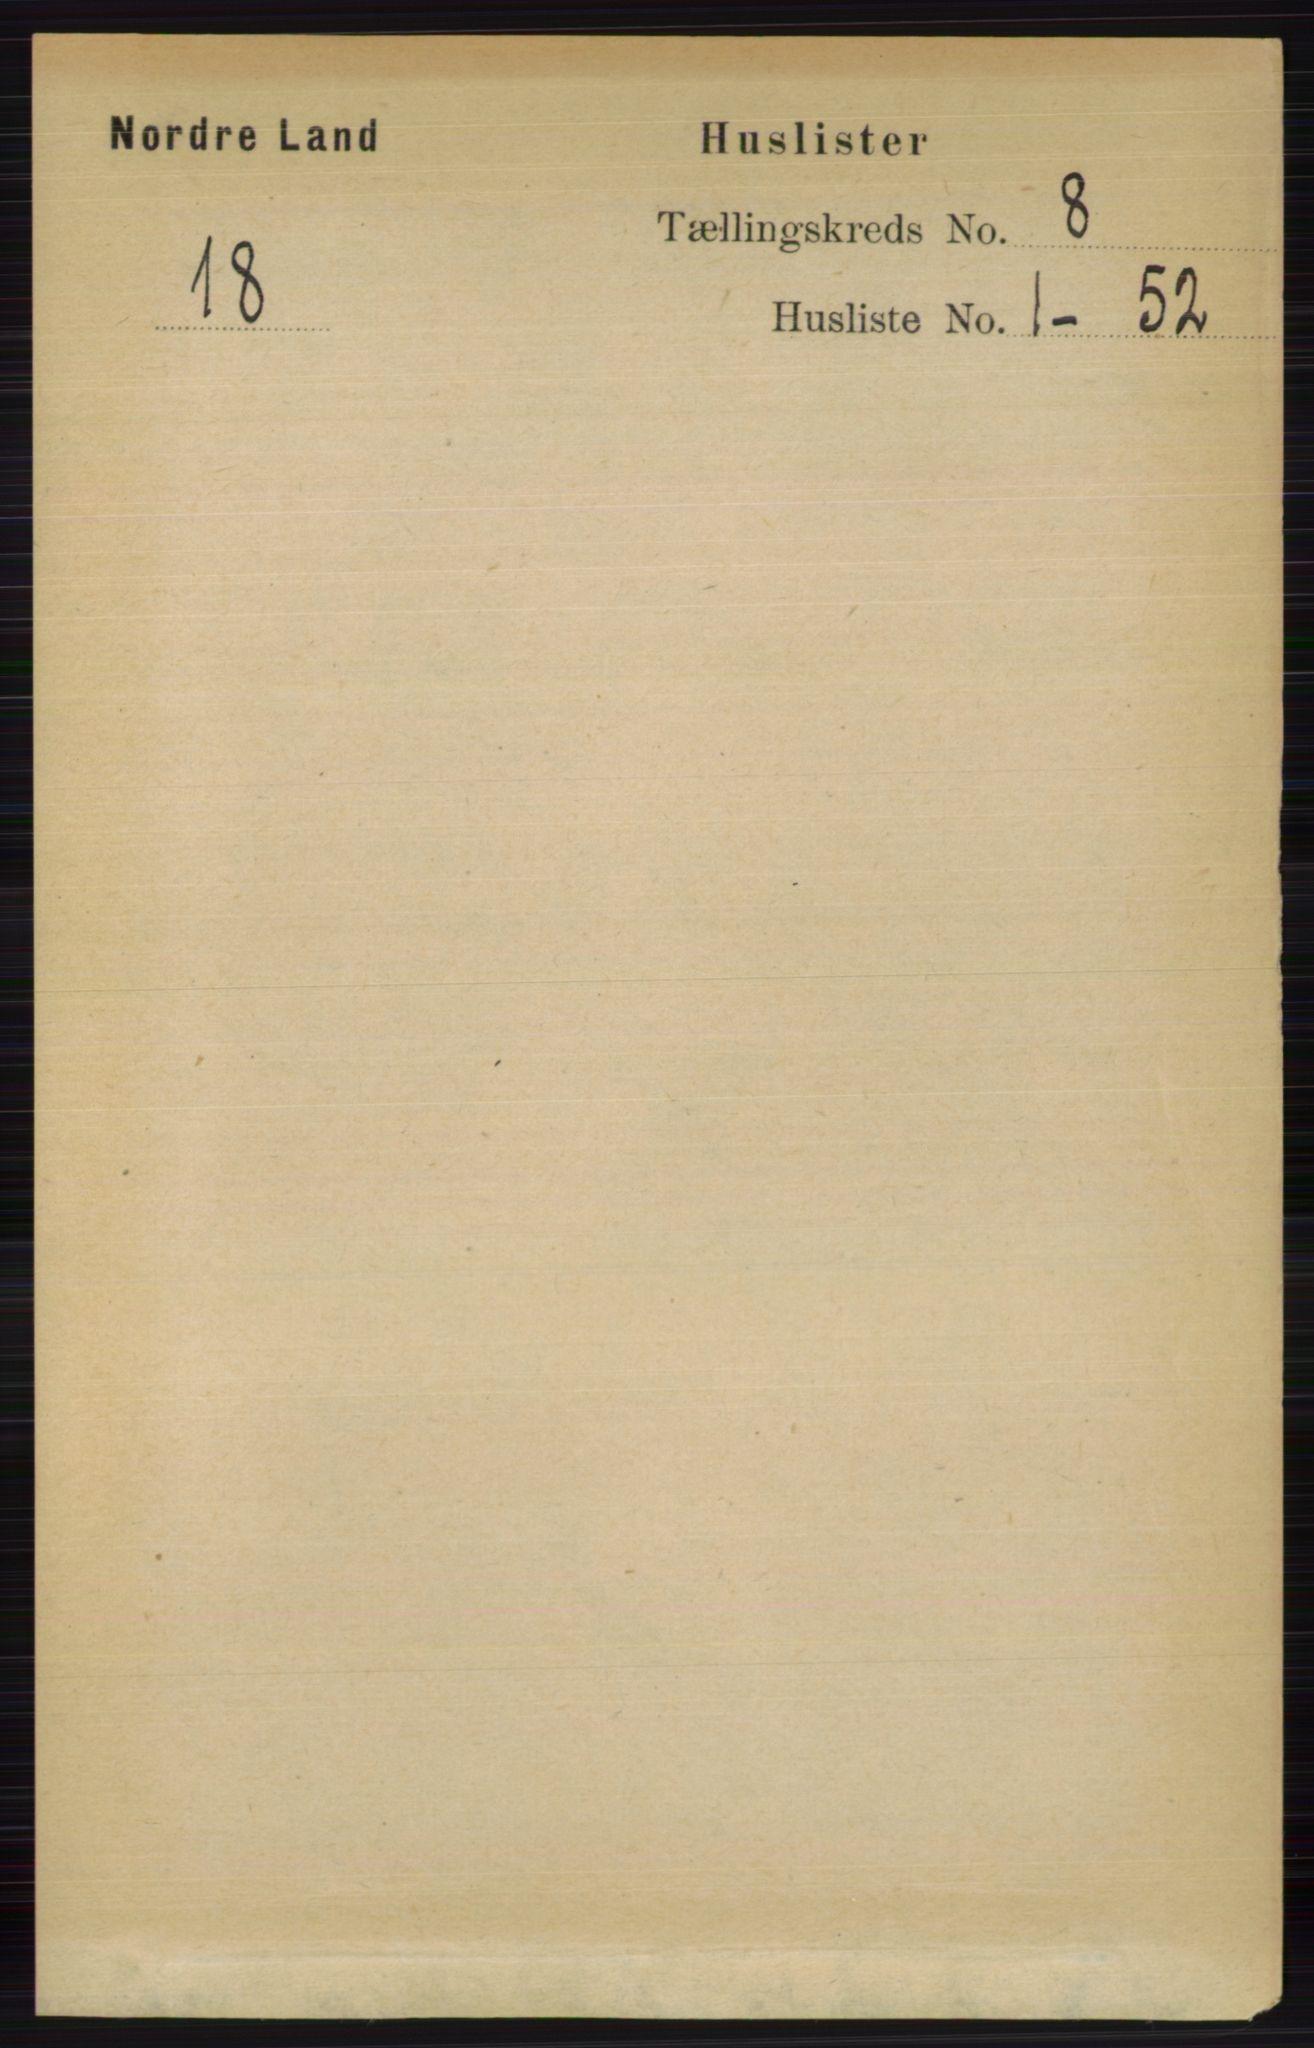 RA, Folketelling 1891 for 0538 Nordre Land herred, 1891, s. 2153